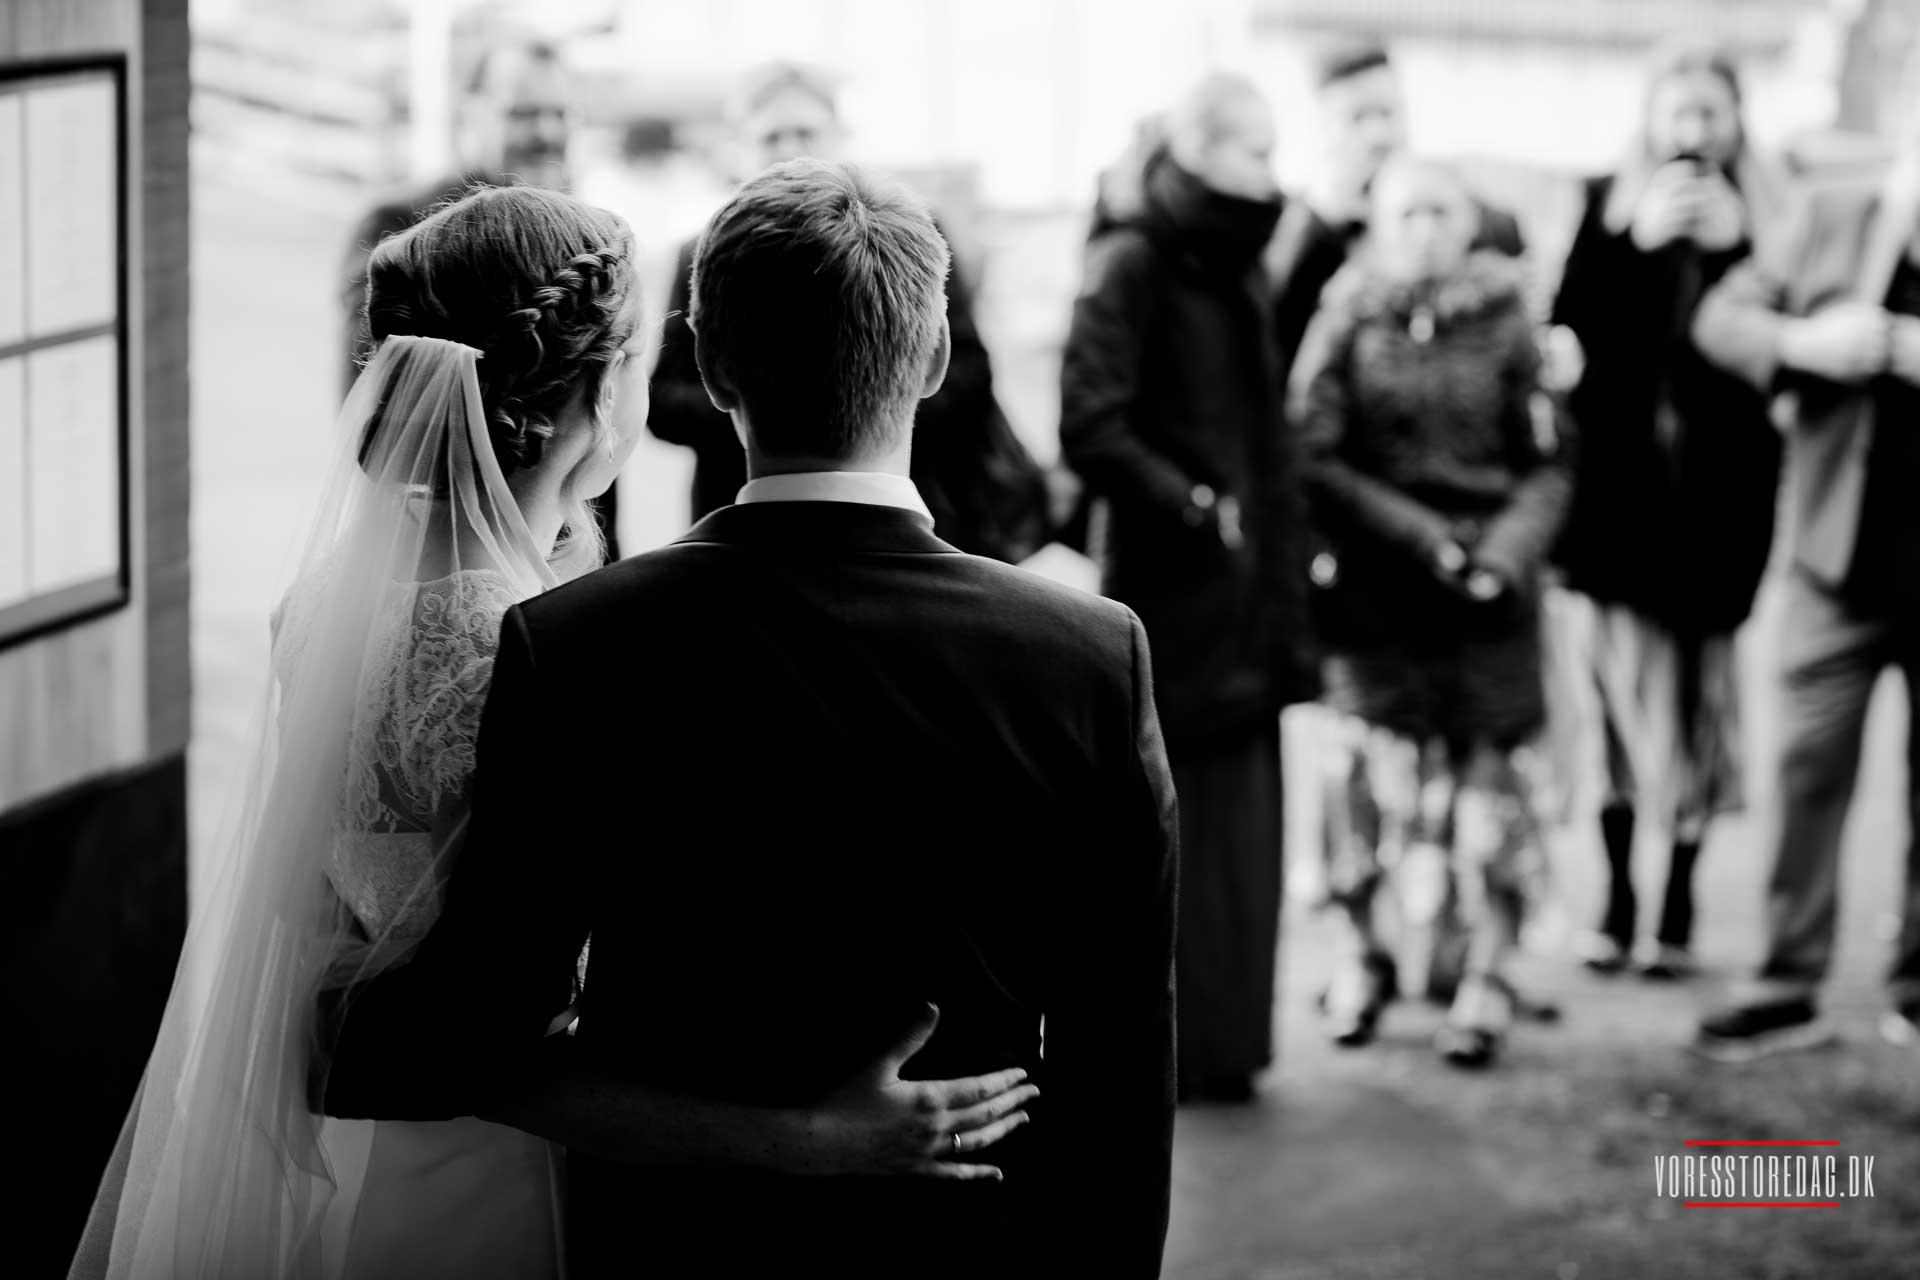 Hos Kaløvig Badehotel sætter vi en stor ære i at gøre jeres bryllupsdag til den bedste dag i jeres liv.